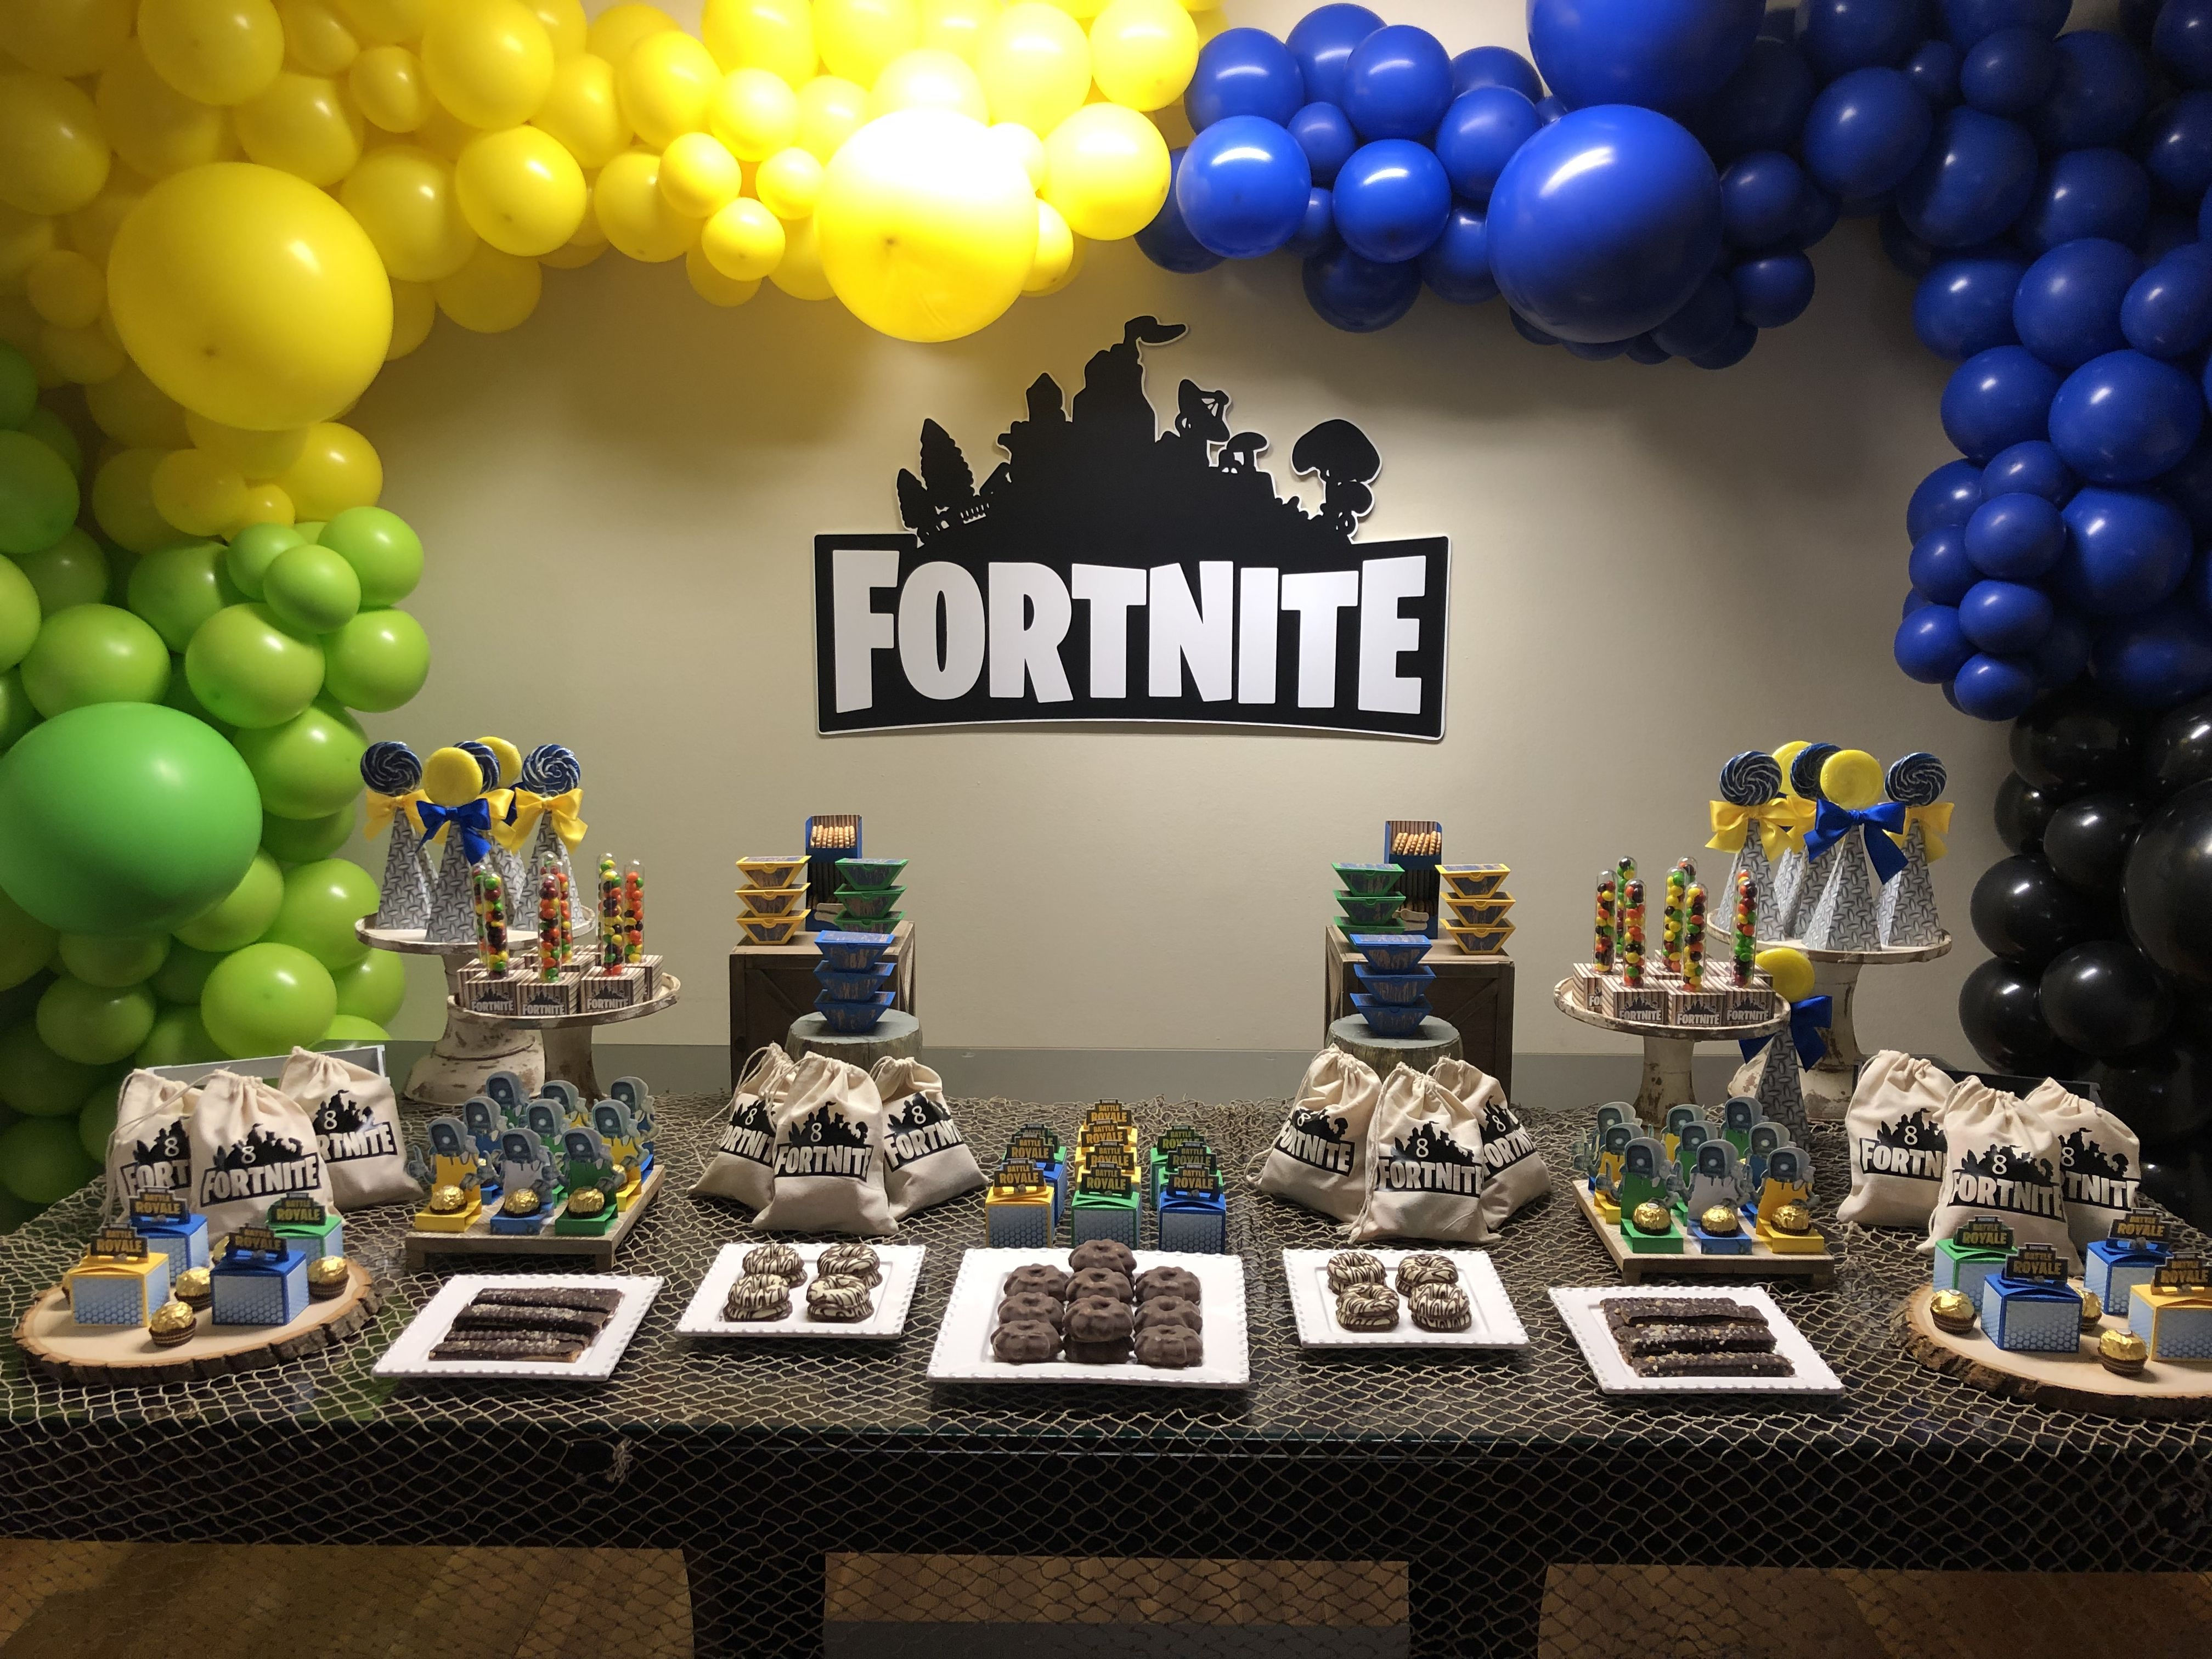 Fortnite Decoración En 2019 Decoracion Fiesta Cumpleaños